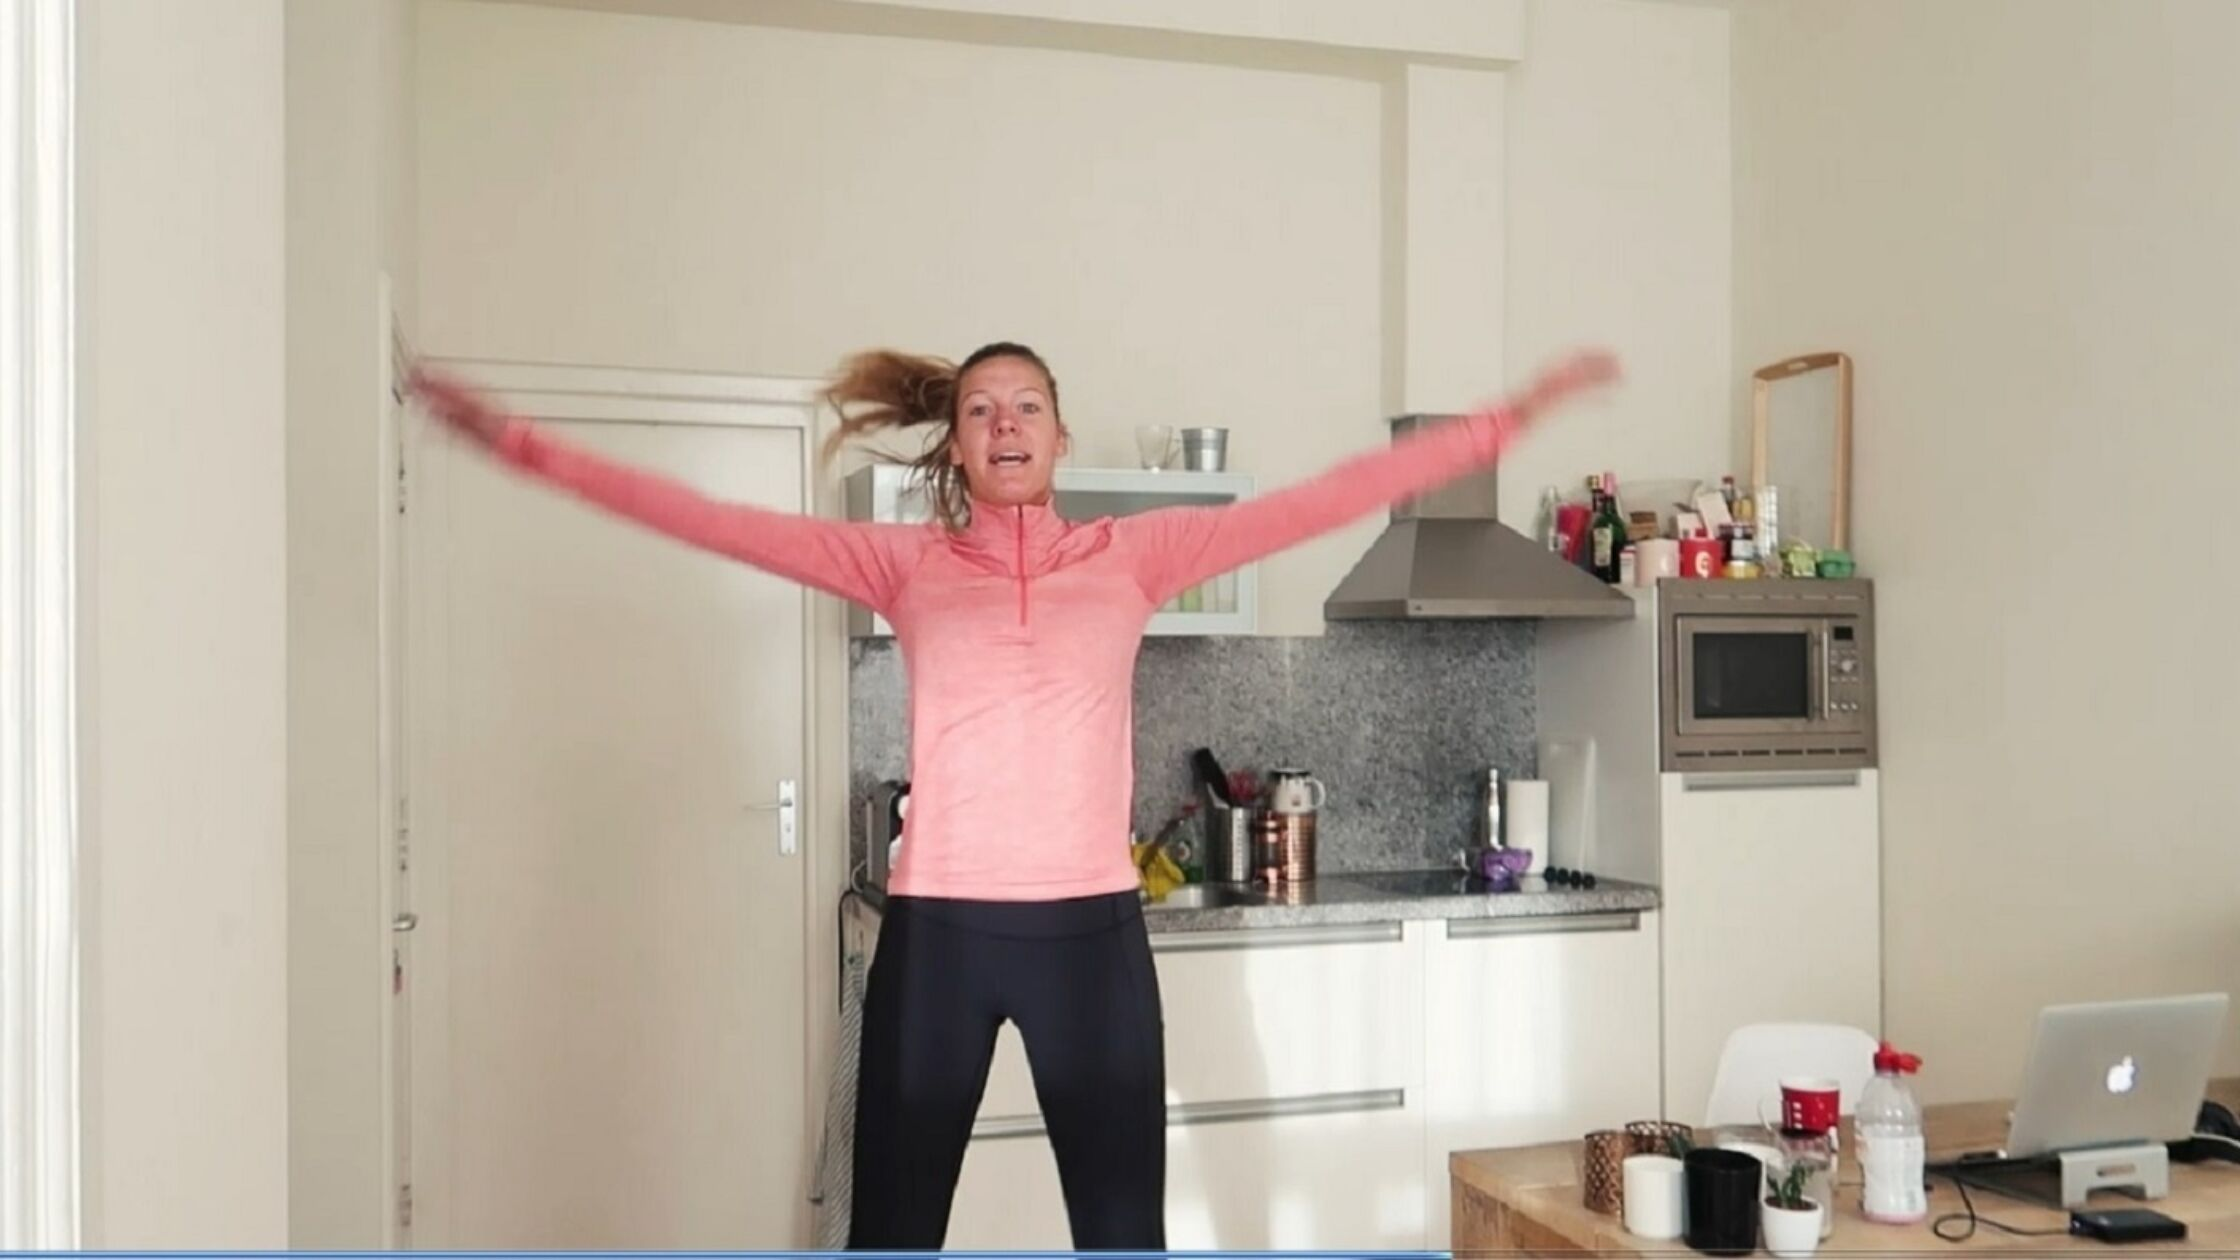 Vlog: Annemerel geeft tips voor hardlopen in winterkou!